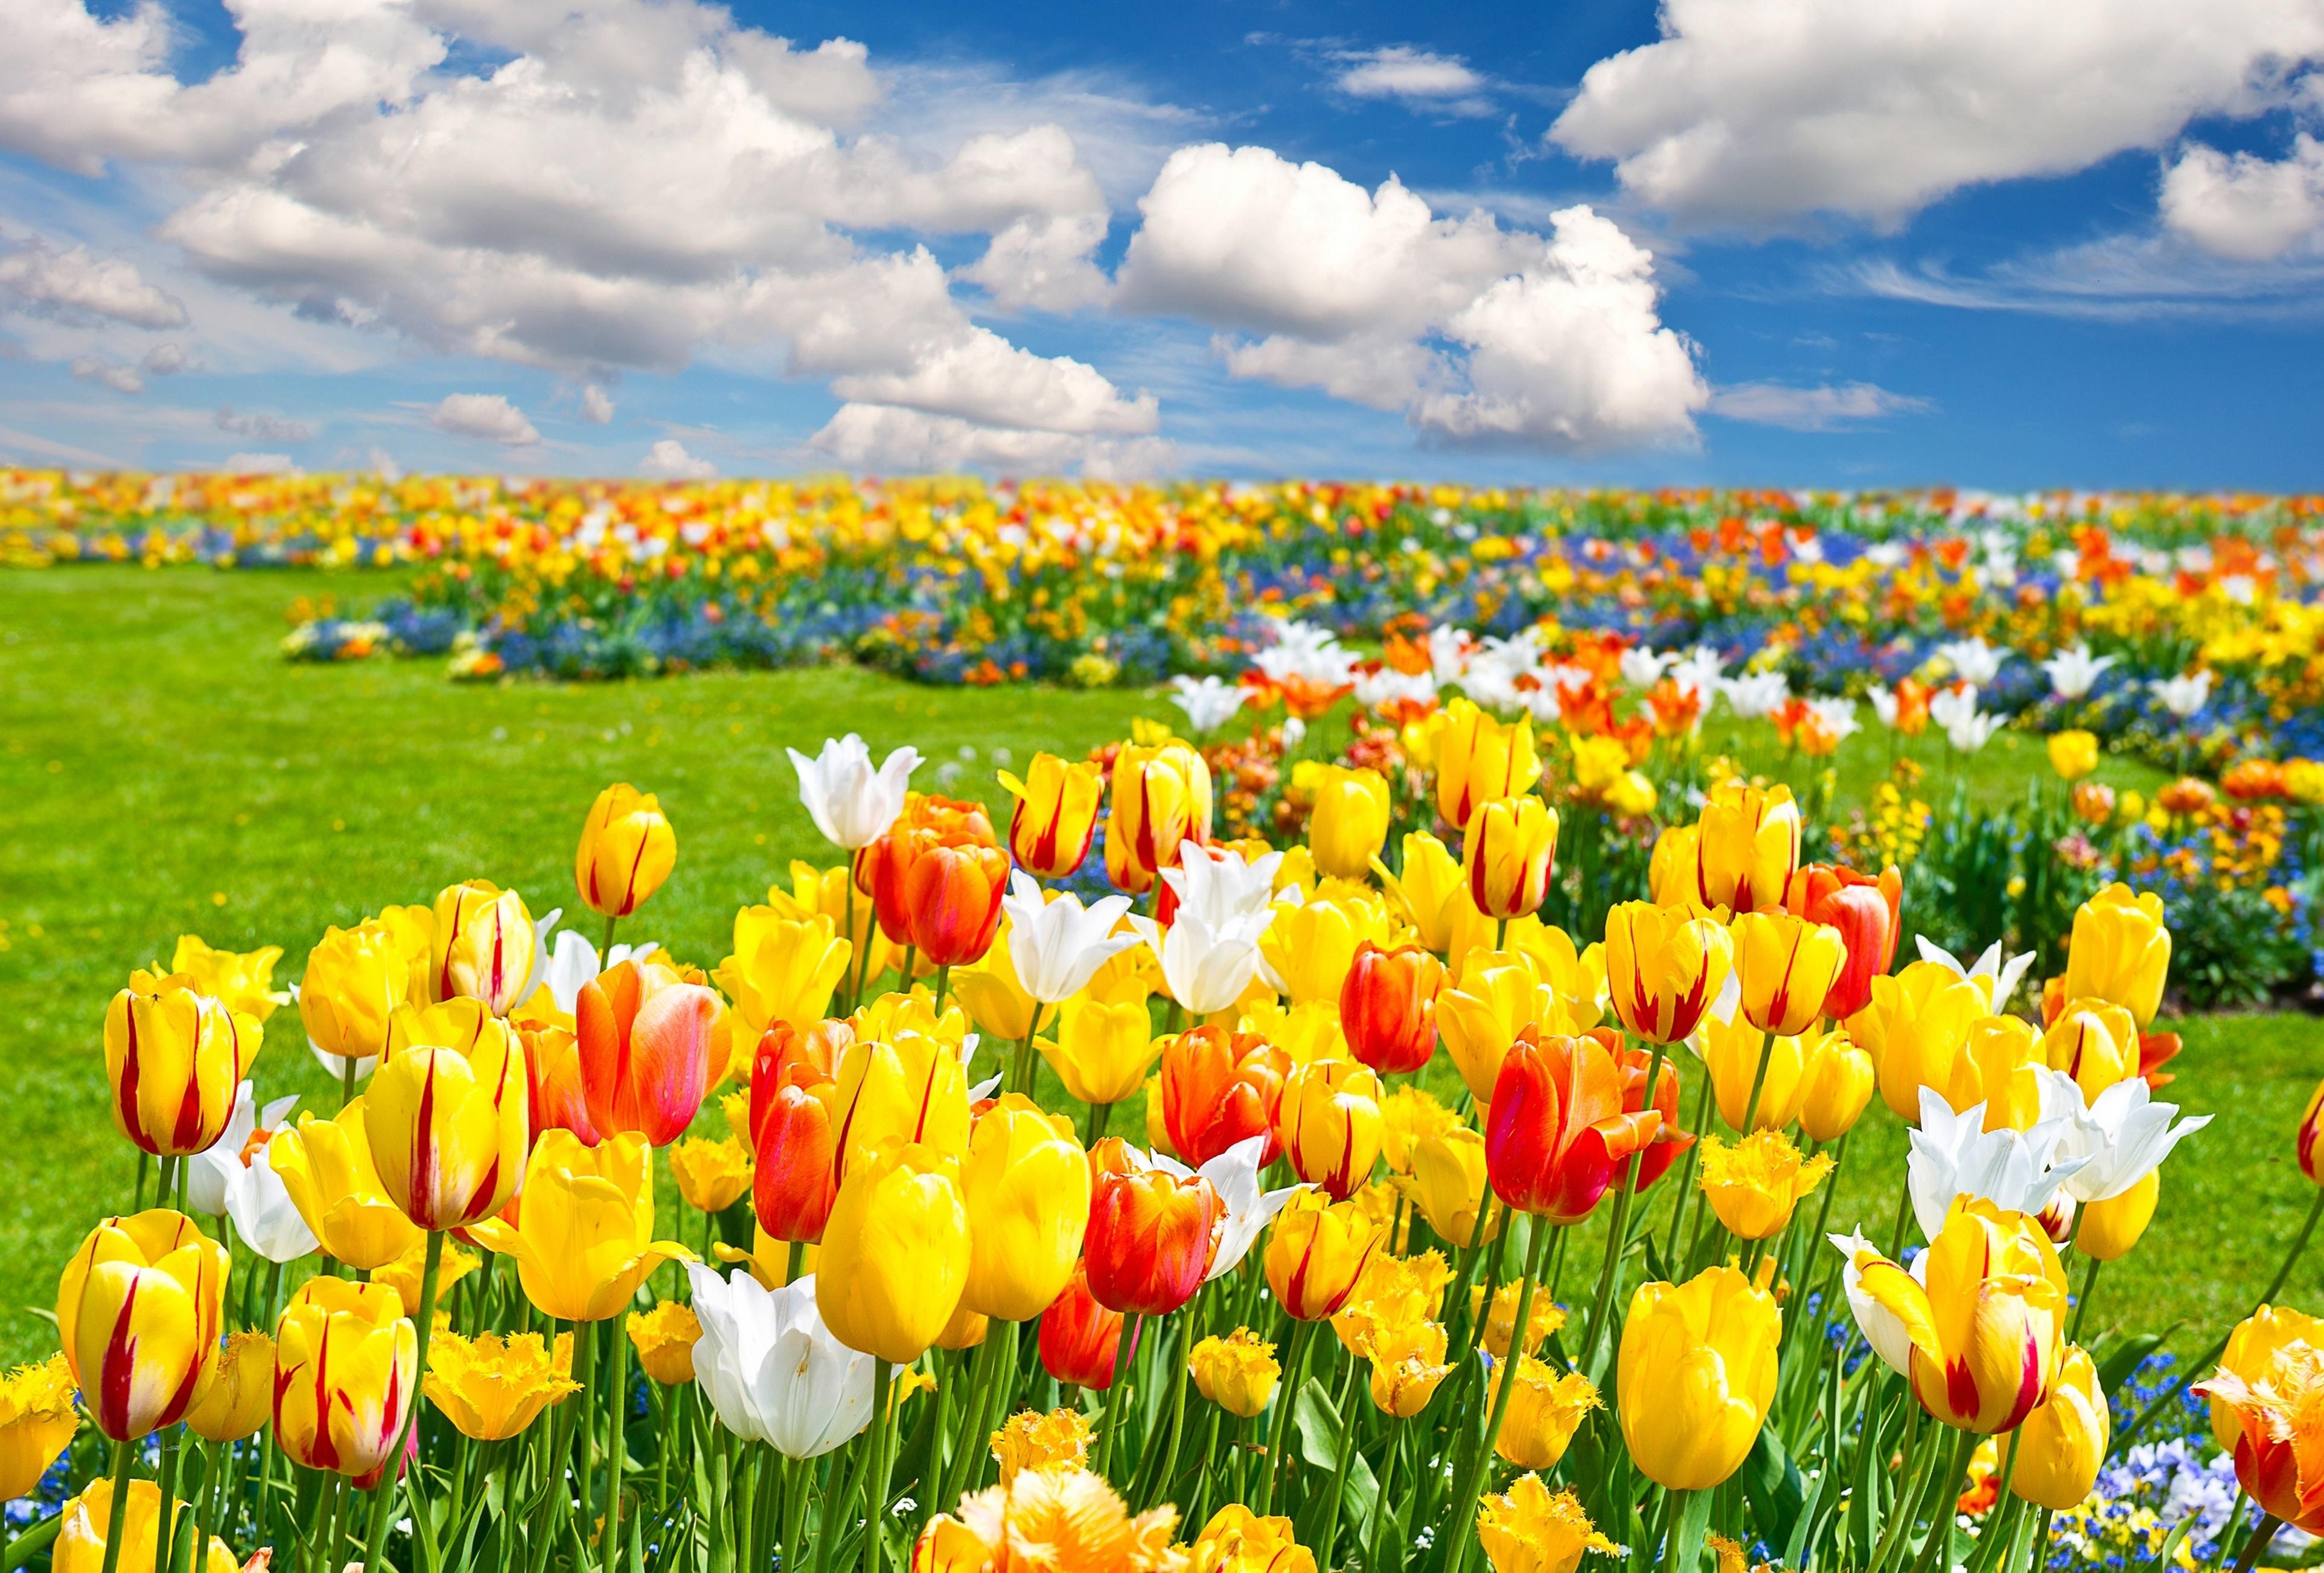 壁纸 成片种植 风景 花 植物 种植基地 桌面 3850_2606